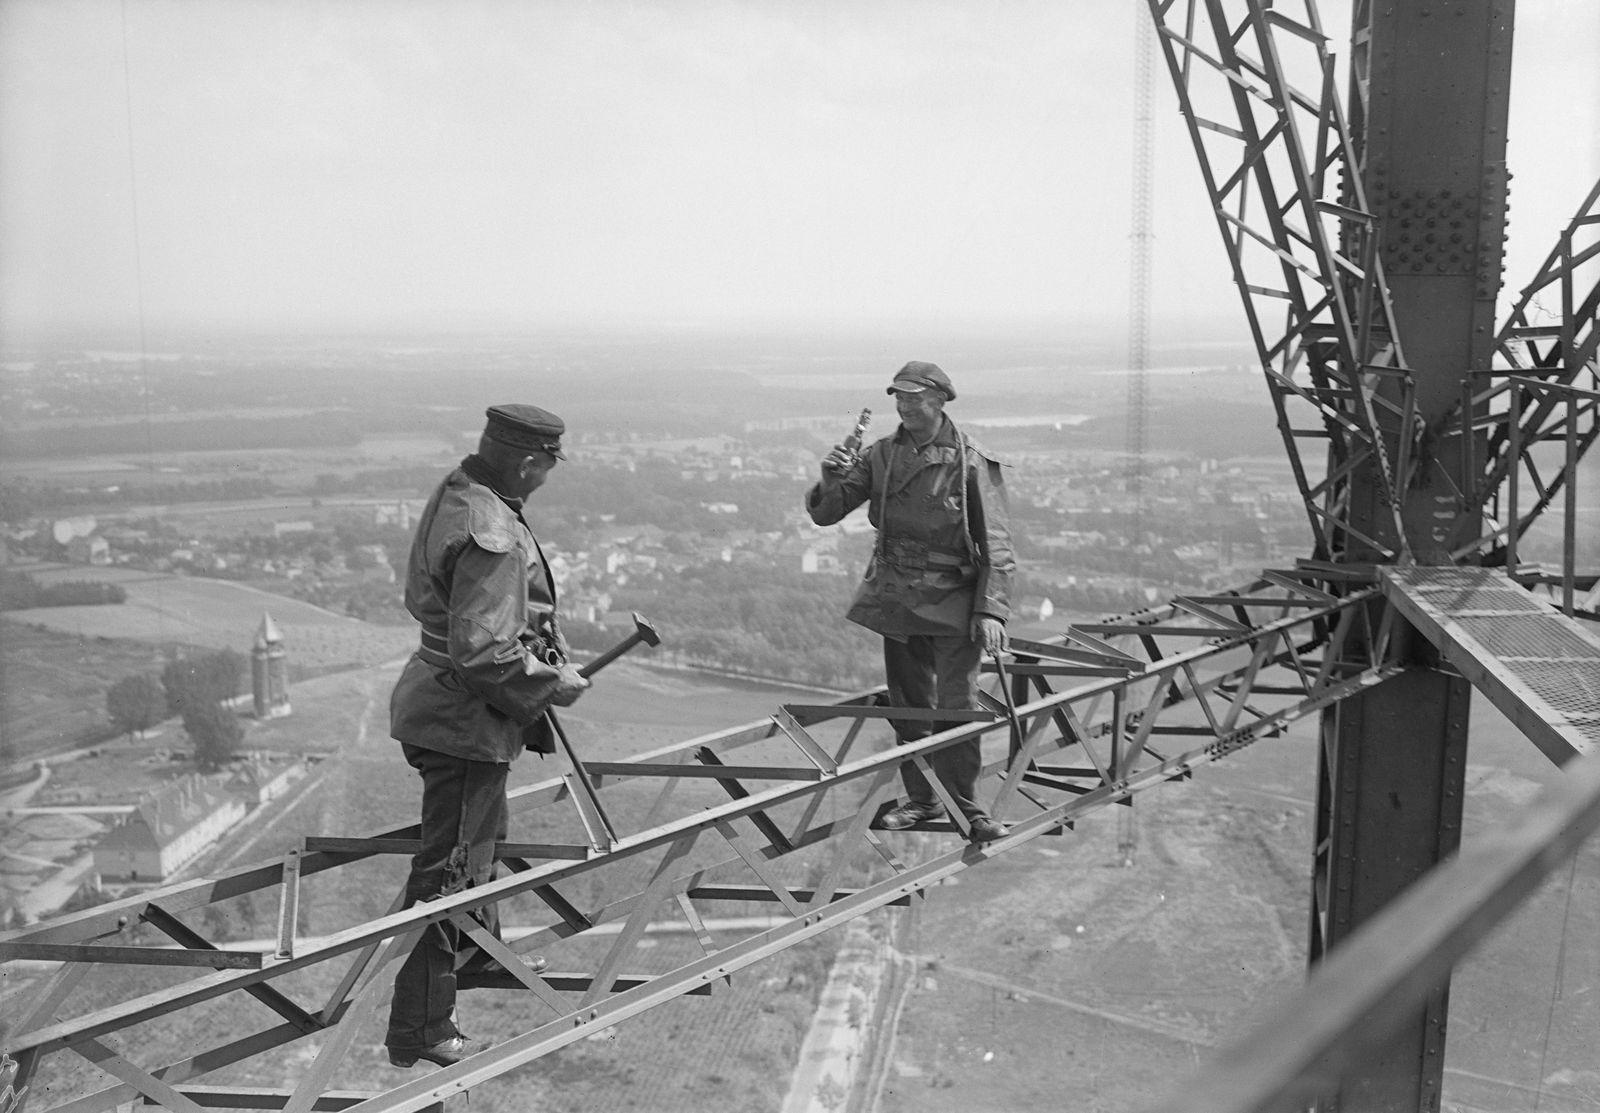 Rundfunk Berlin. Hauptfunkstelle der Reichspost in Königs Wusterhausen